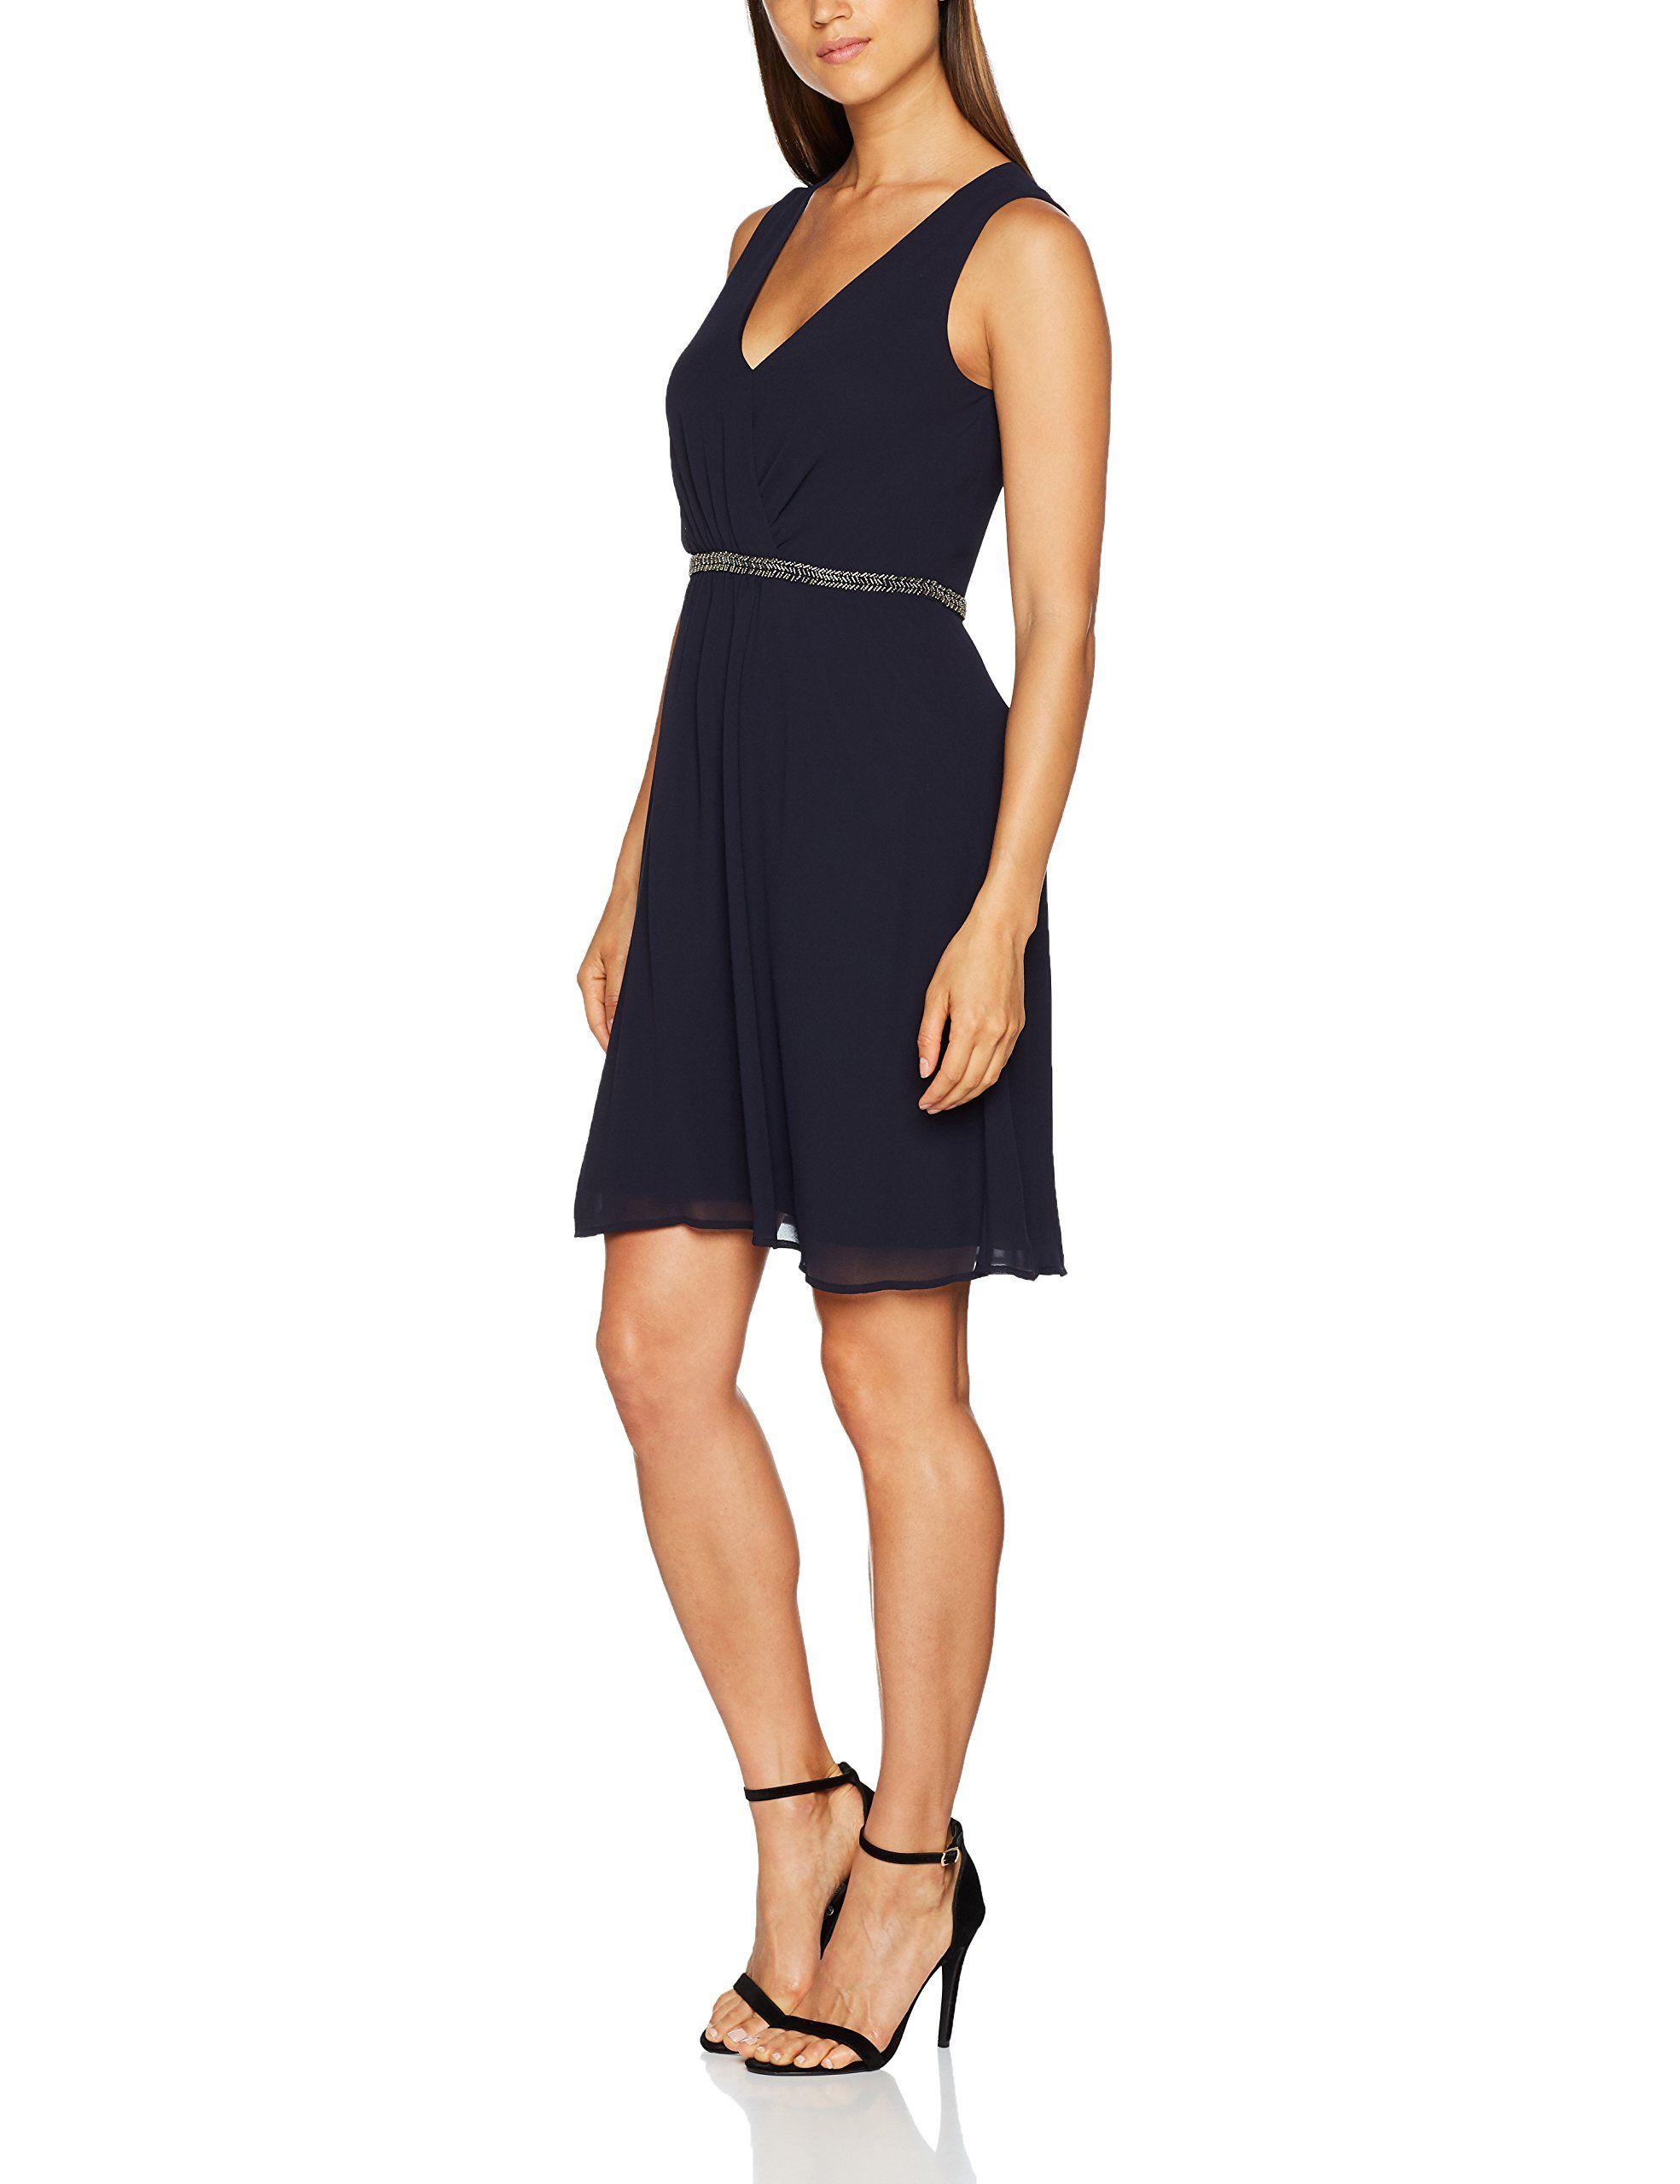 S Oliver Black Label Damen Kleid In 2020 Black Dress Little Black Dress Fashion